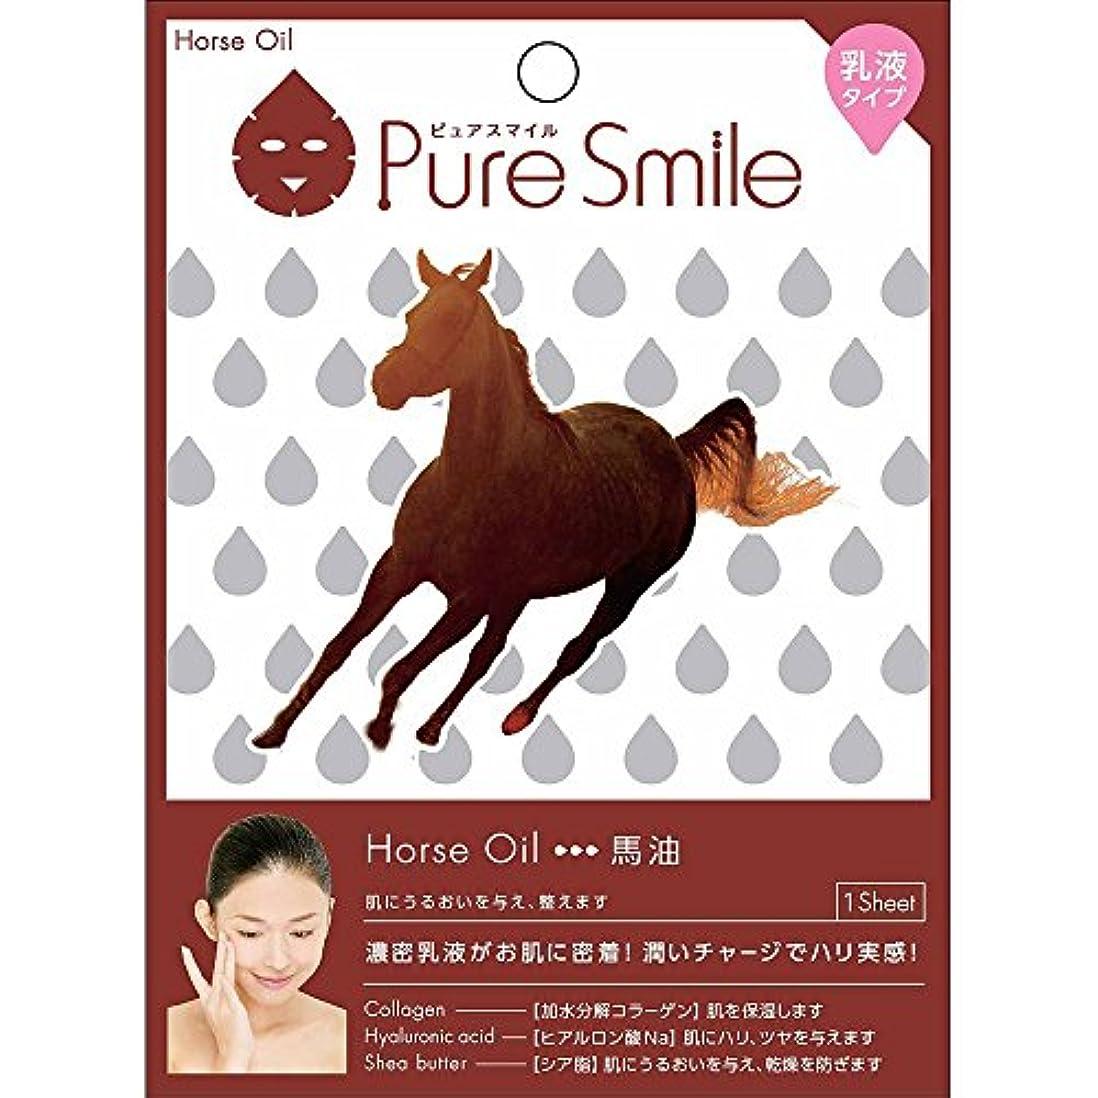 容量スプーン見てPure Smile/ピュアスマイル 乳液 エッセンス/フェイスマスク 『Horse oil/馬油』